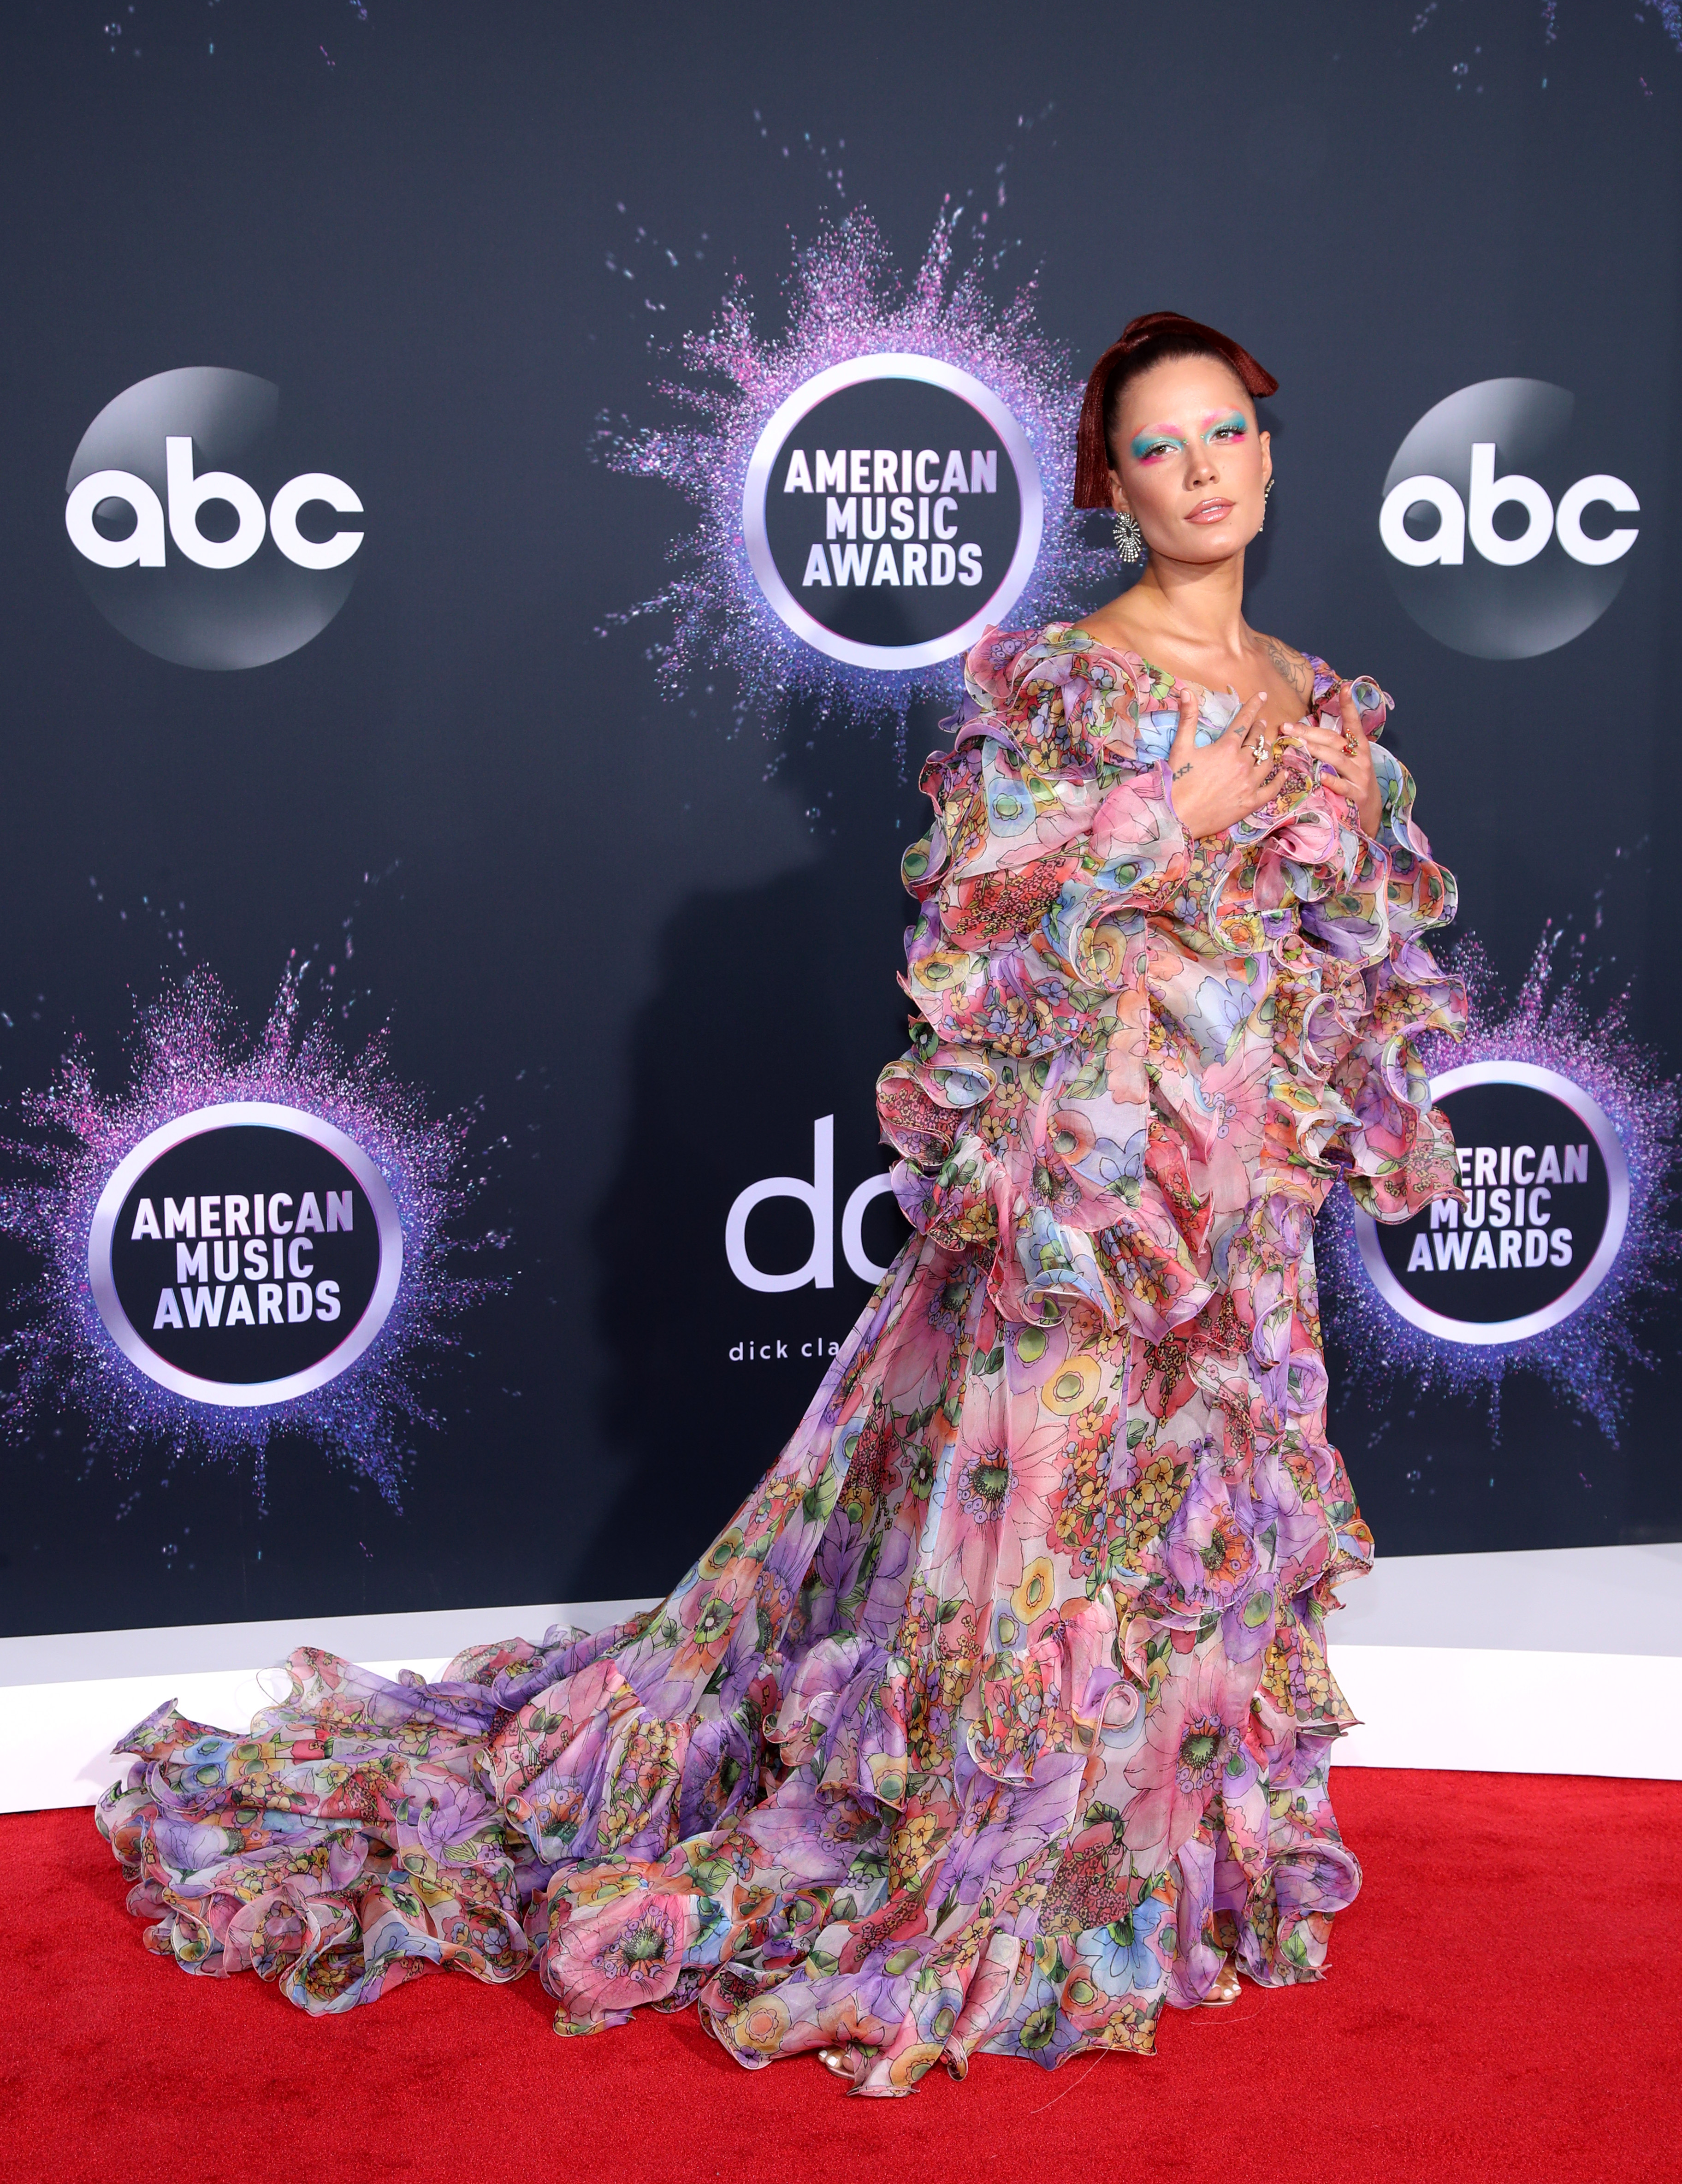 На Halsey очевидно цялата модна година е такава - несполучлива. Дори и в Marc Jacobs, един от кралете на екстраваганцата, тя не успява да намери работещ за нея стил, дизайн и силует. Но нищо, дано новата 2020-та е по-успешна за нея!